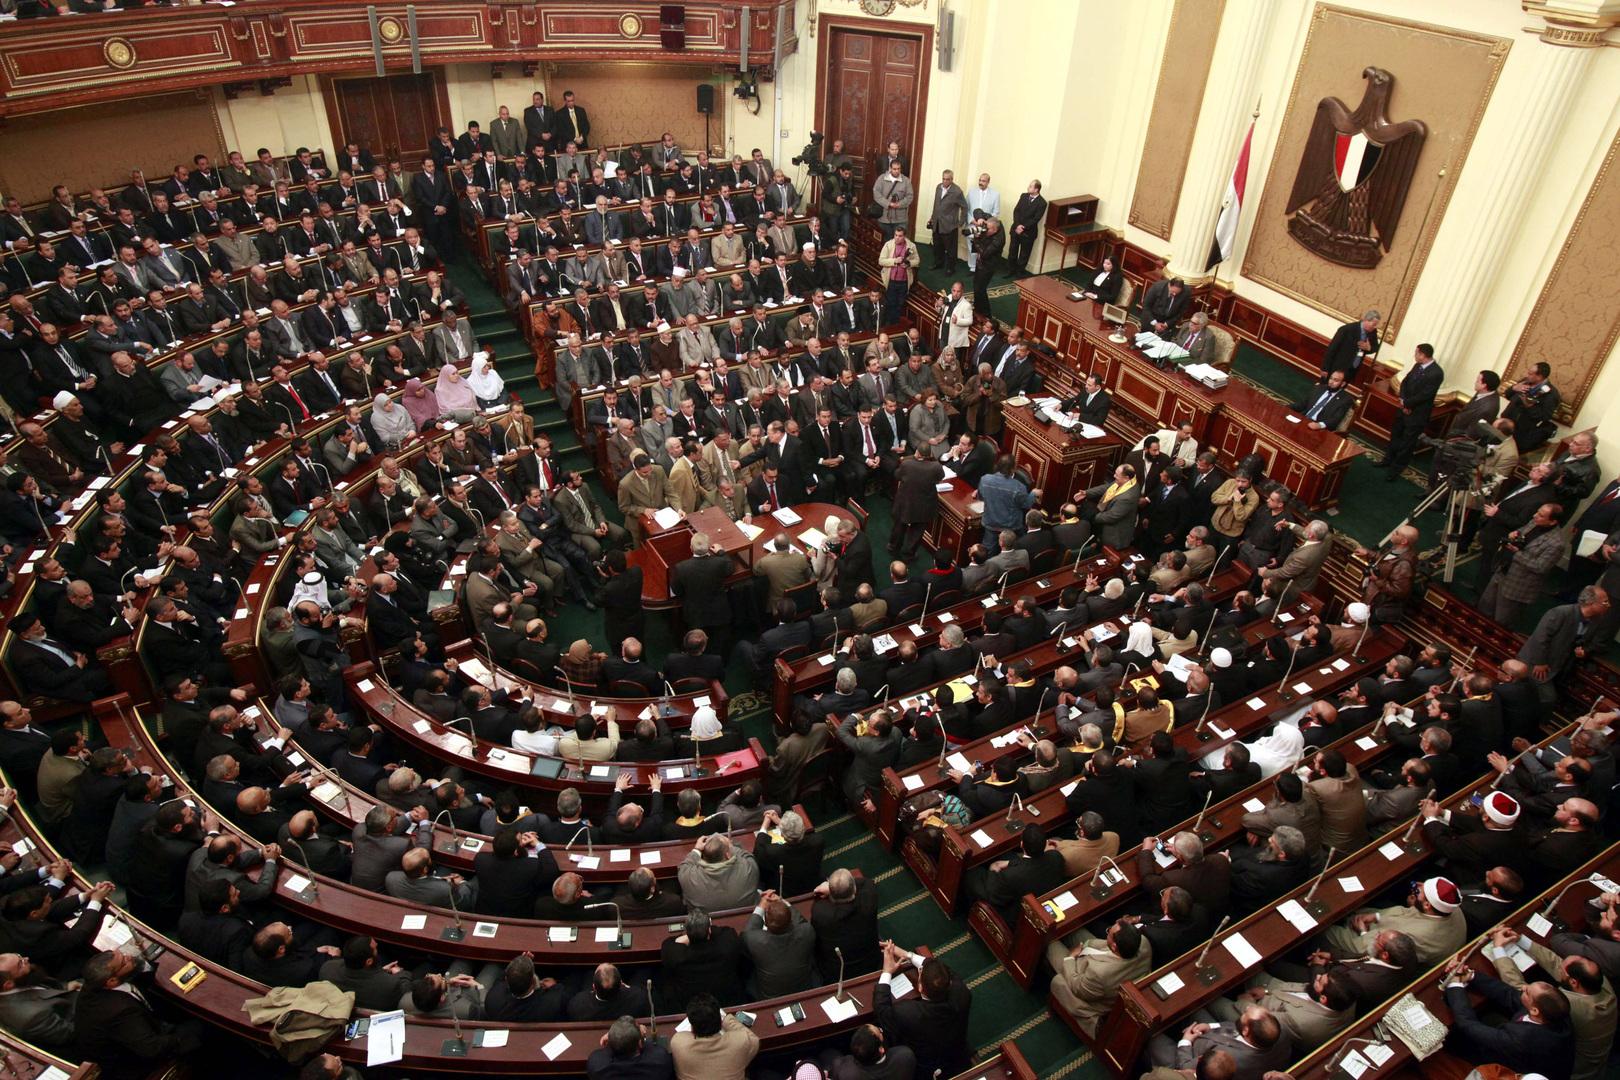 البرلمان المصري يهاجم البرلمان الأوروبي بسبب أحد المواطنين